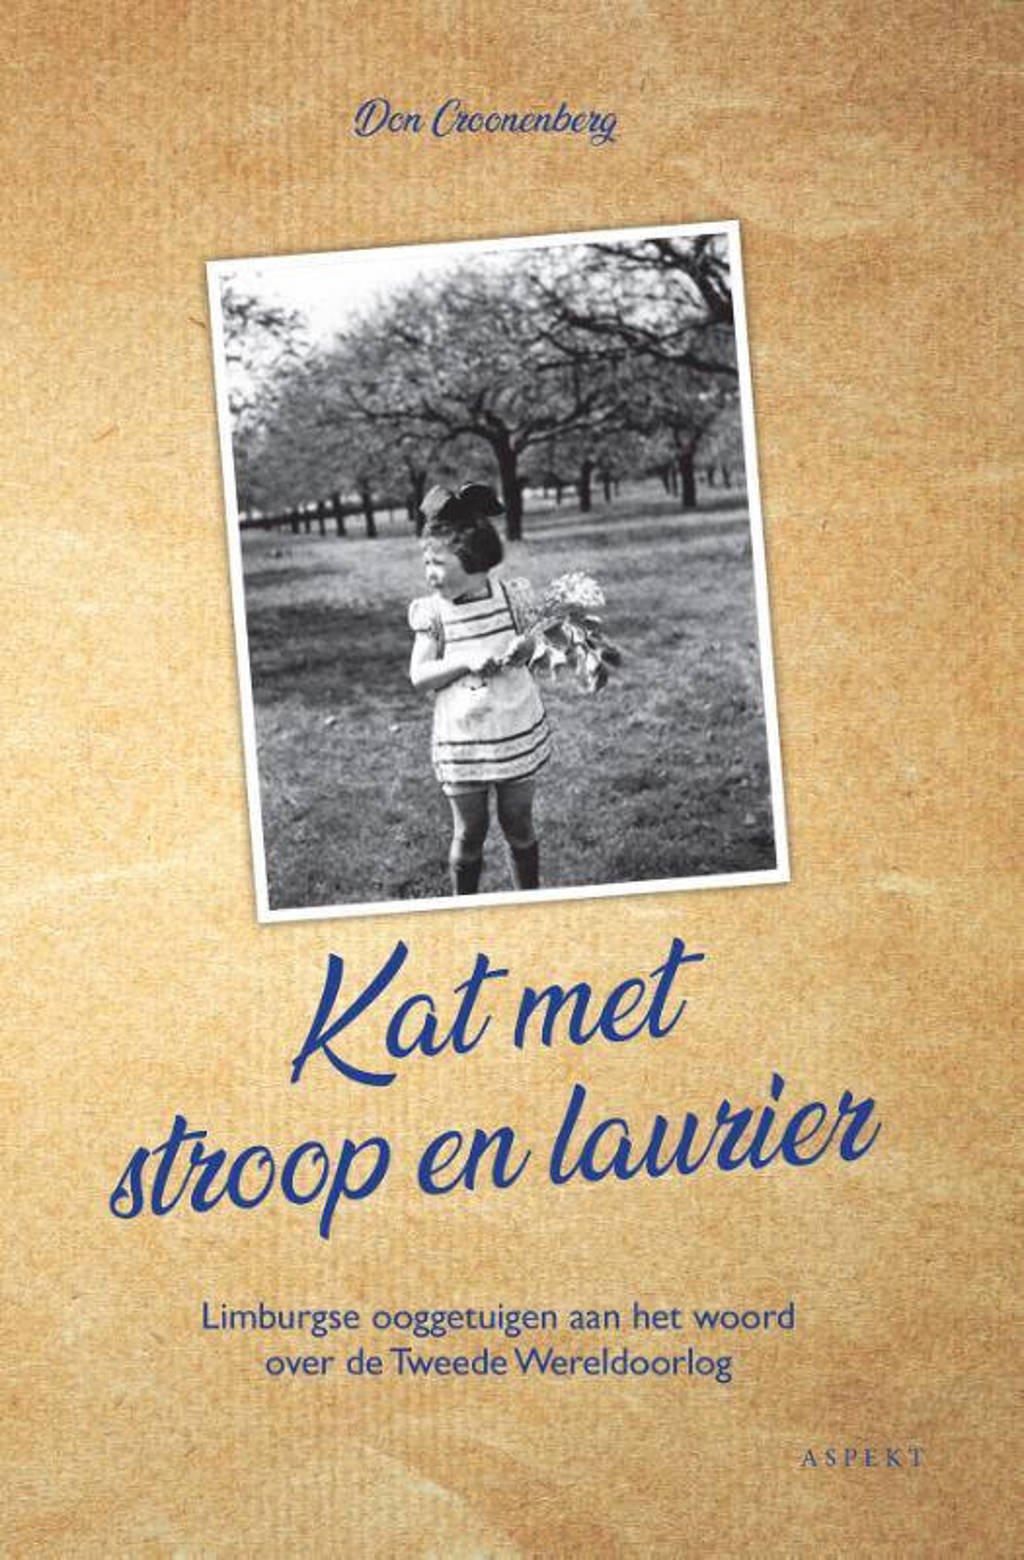 Kat met stroop en laurier - Don Croonenberg